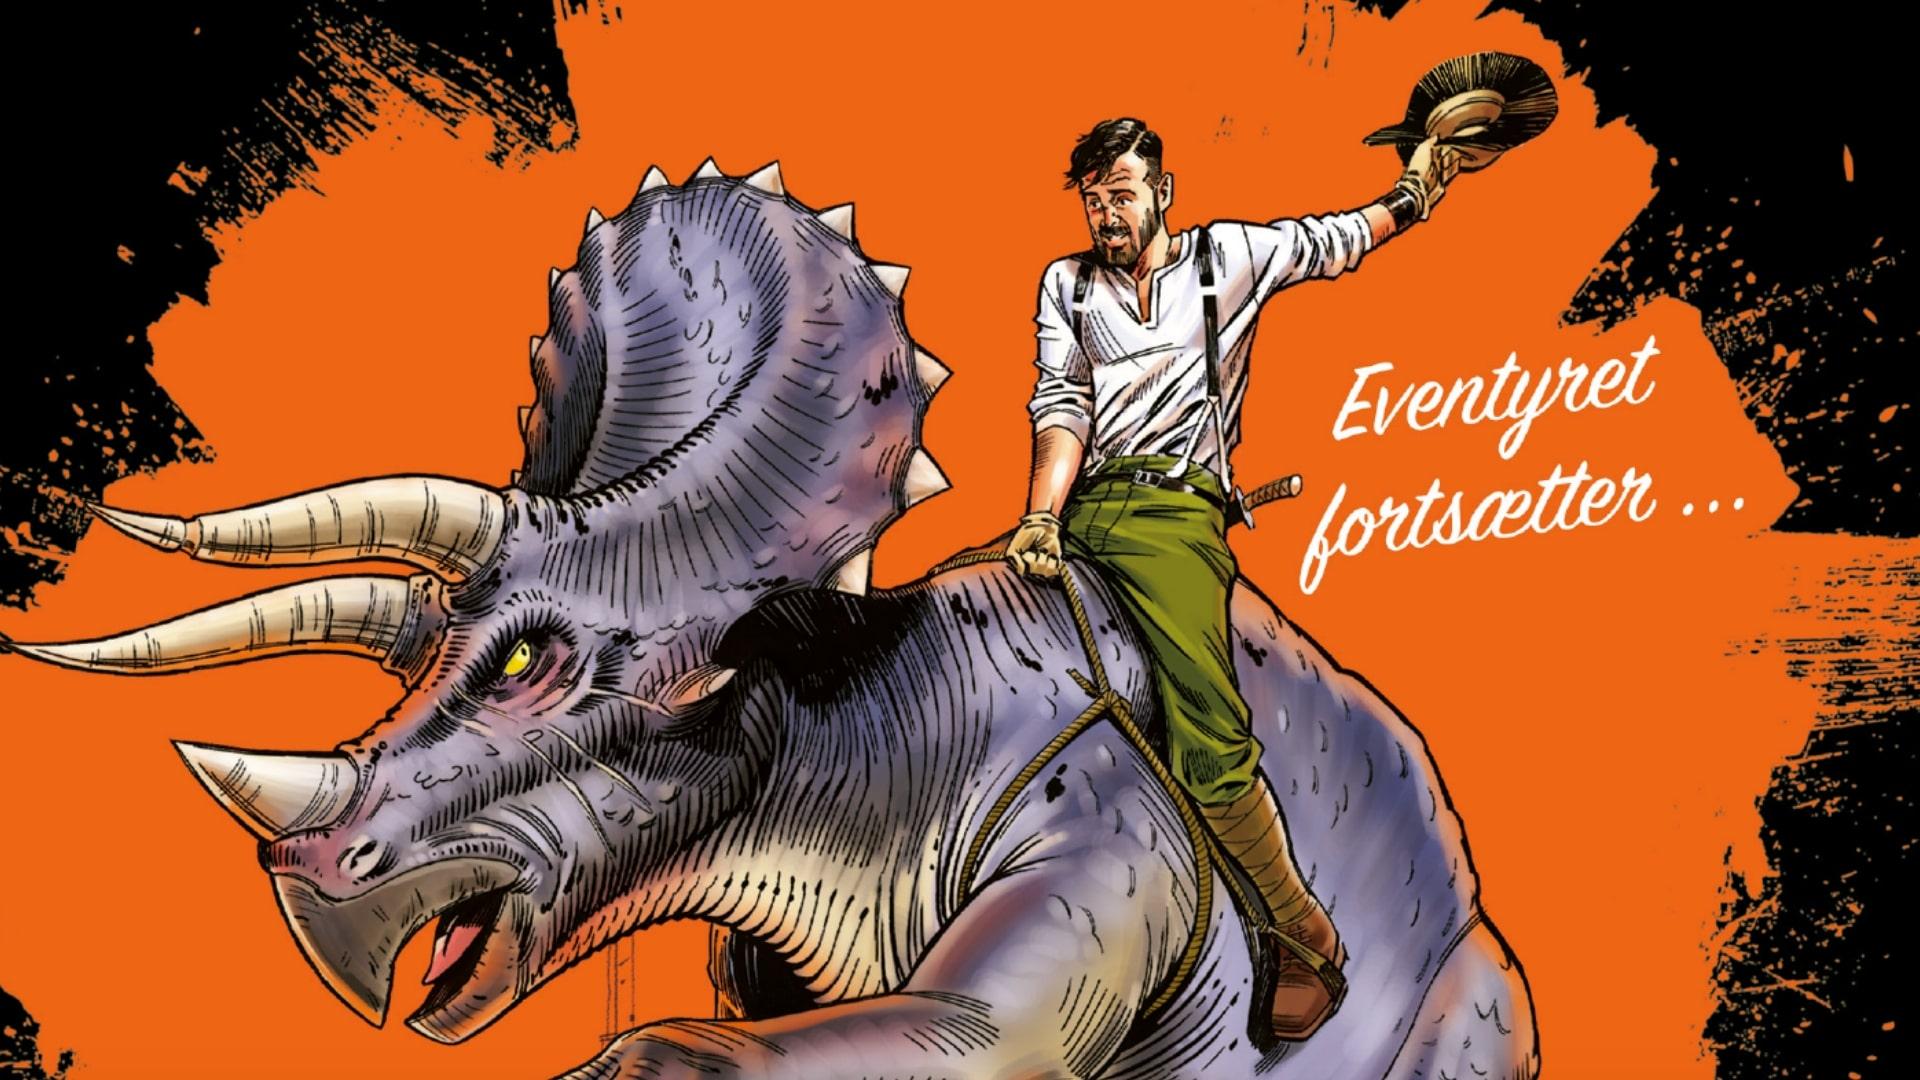 supersaurus, dinosaurer, dinosaurus, jay jay burridge